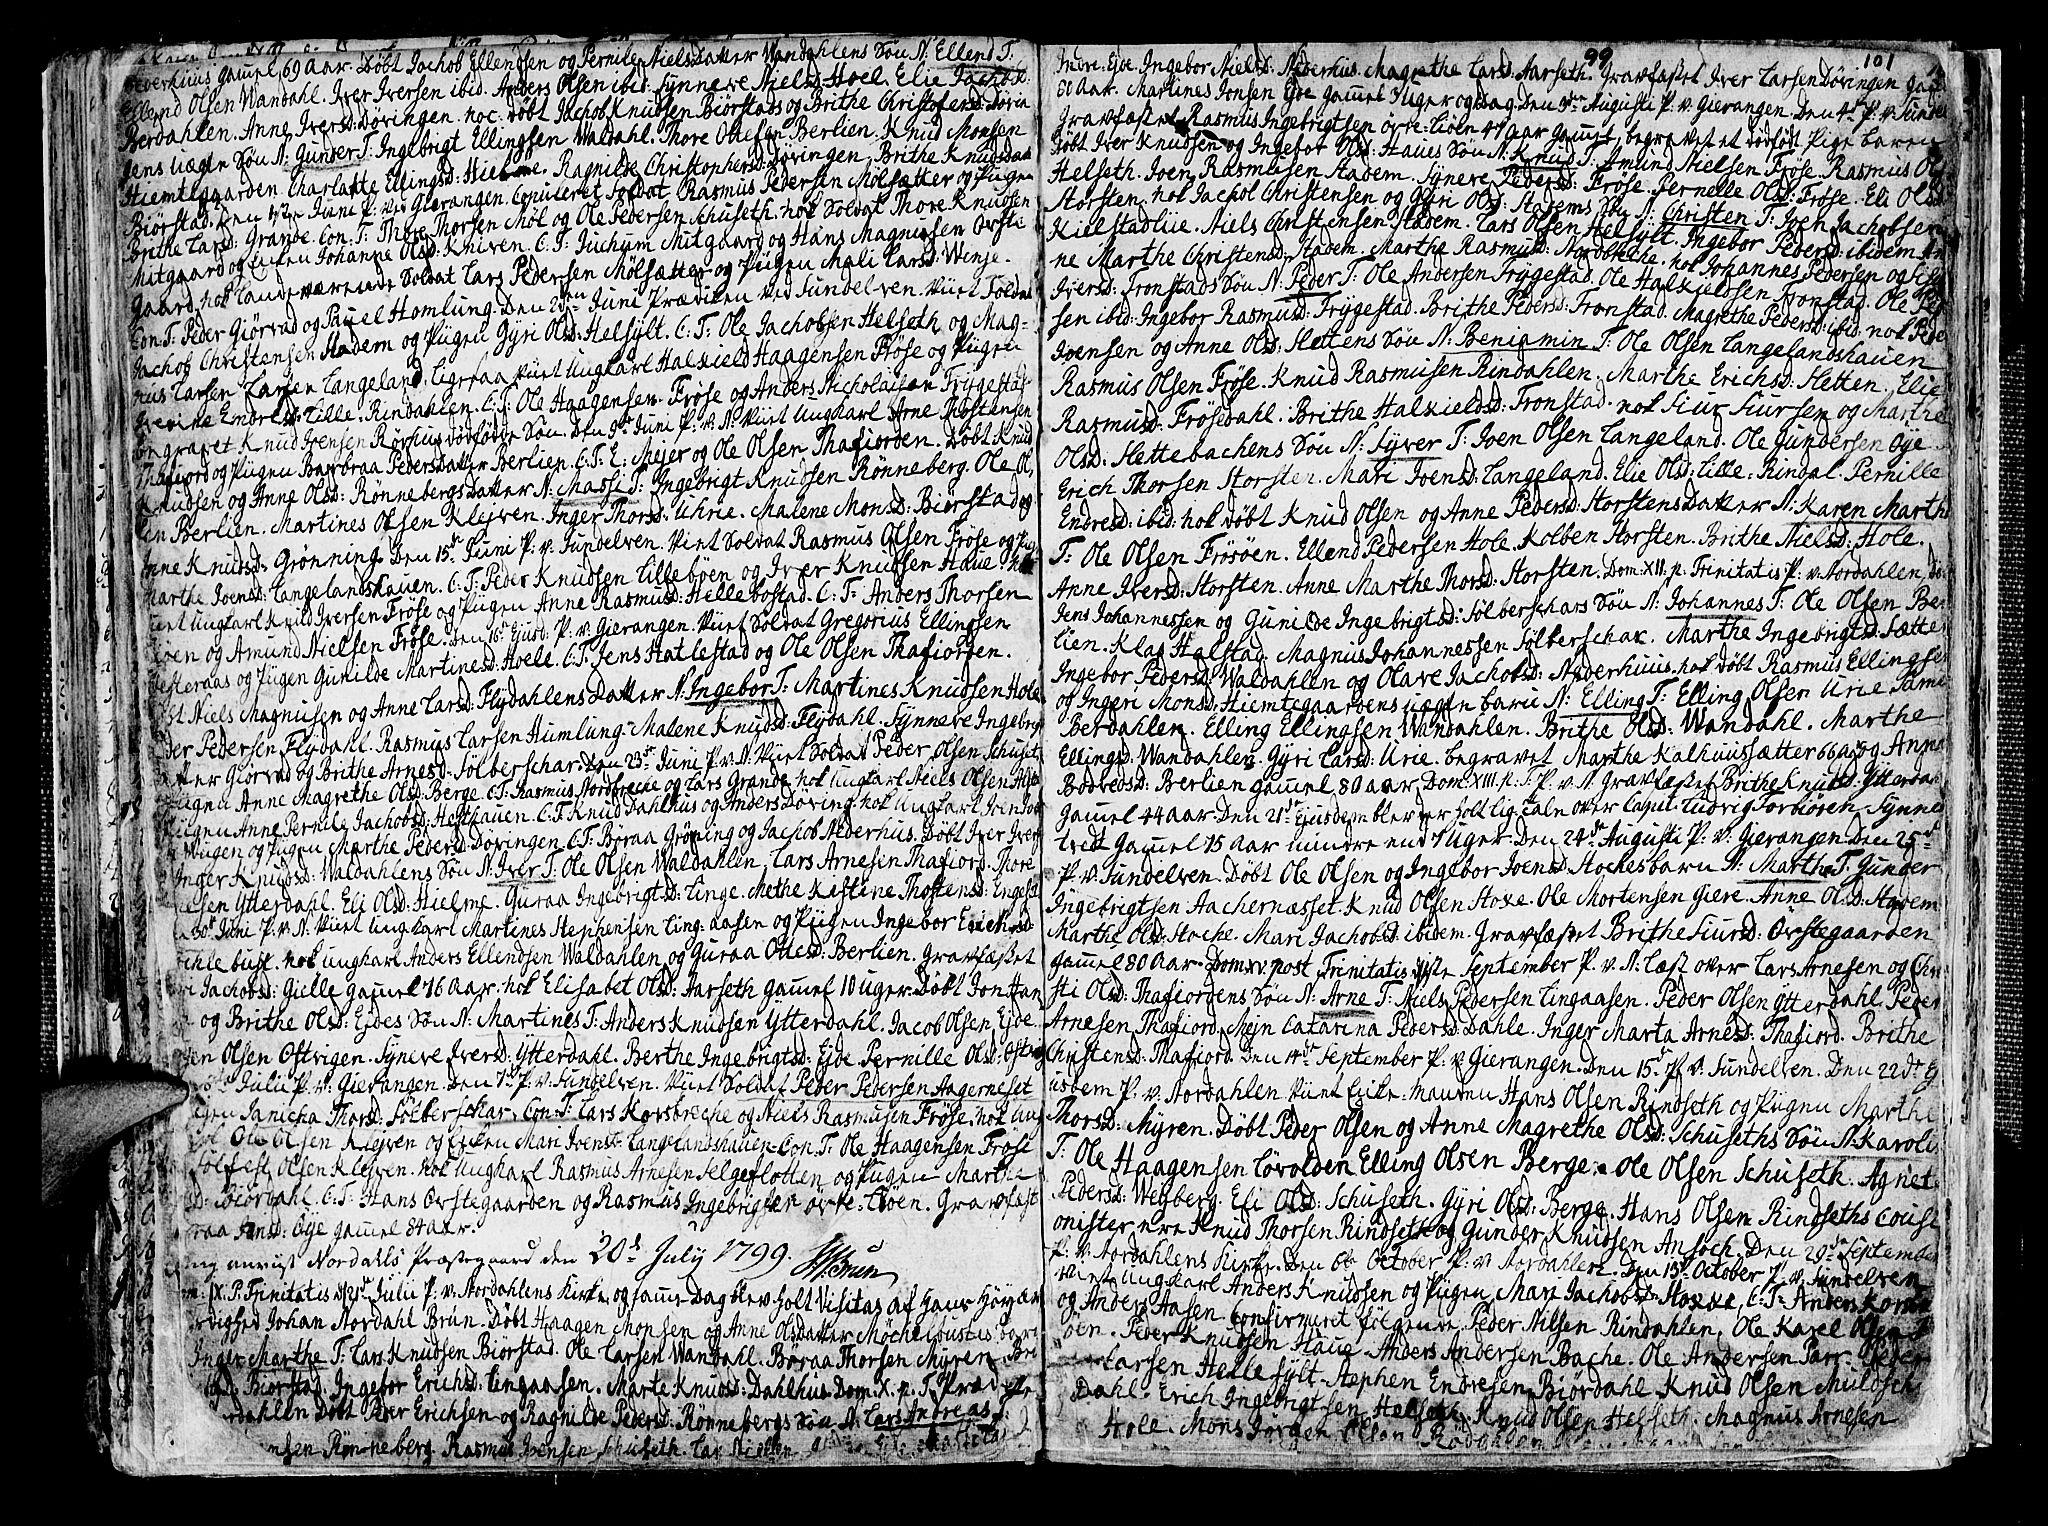 SAT, Ministerialprotokoller, klokkerbøker og fødselsregistre - Møre og Romsdal, 519/L0245: Ministerialbok nr. 519A04, 1774-1816, s. 101